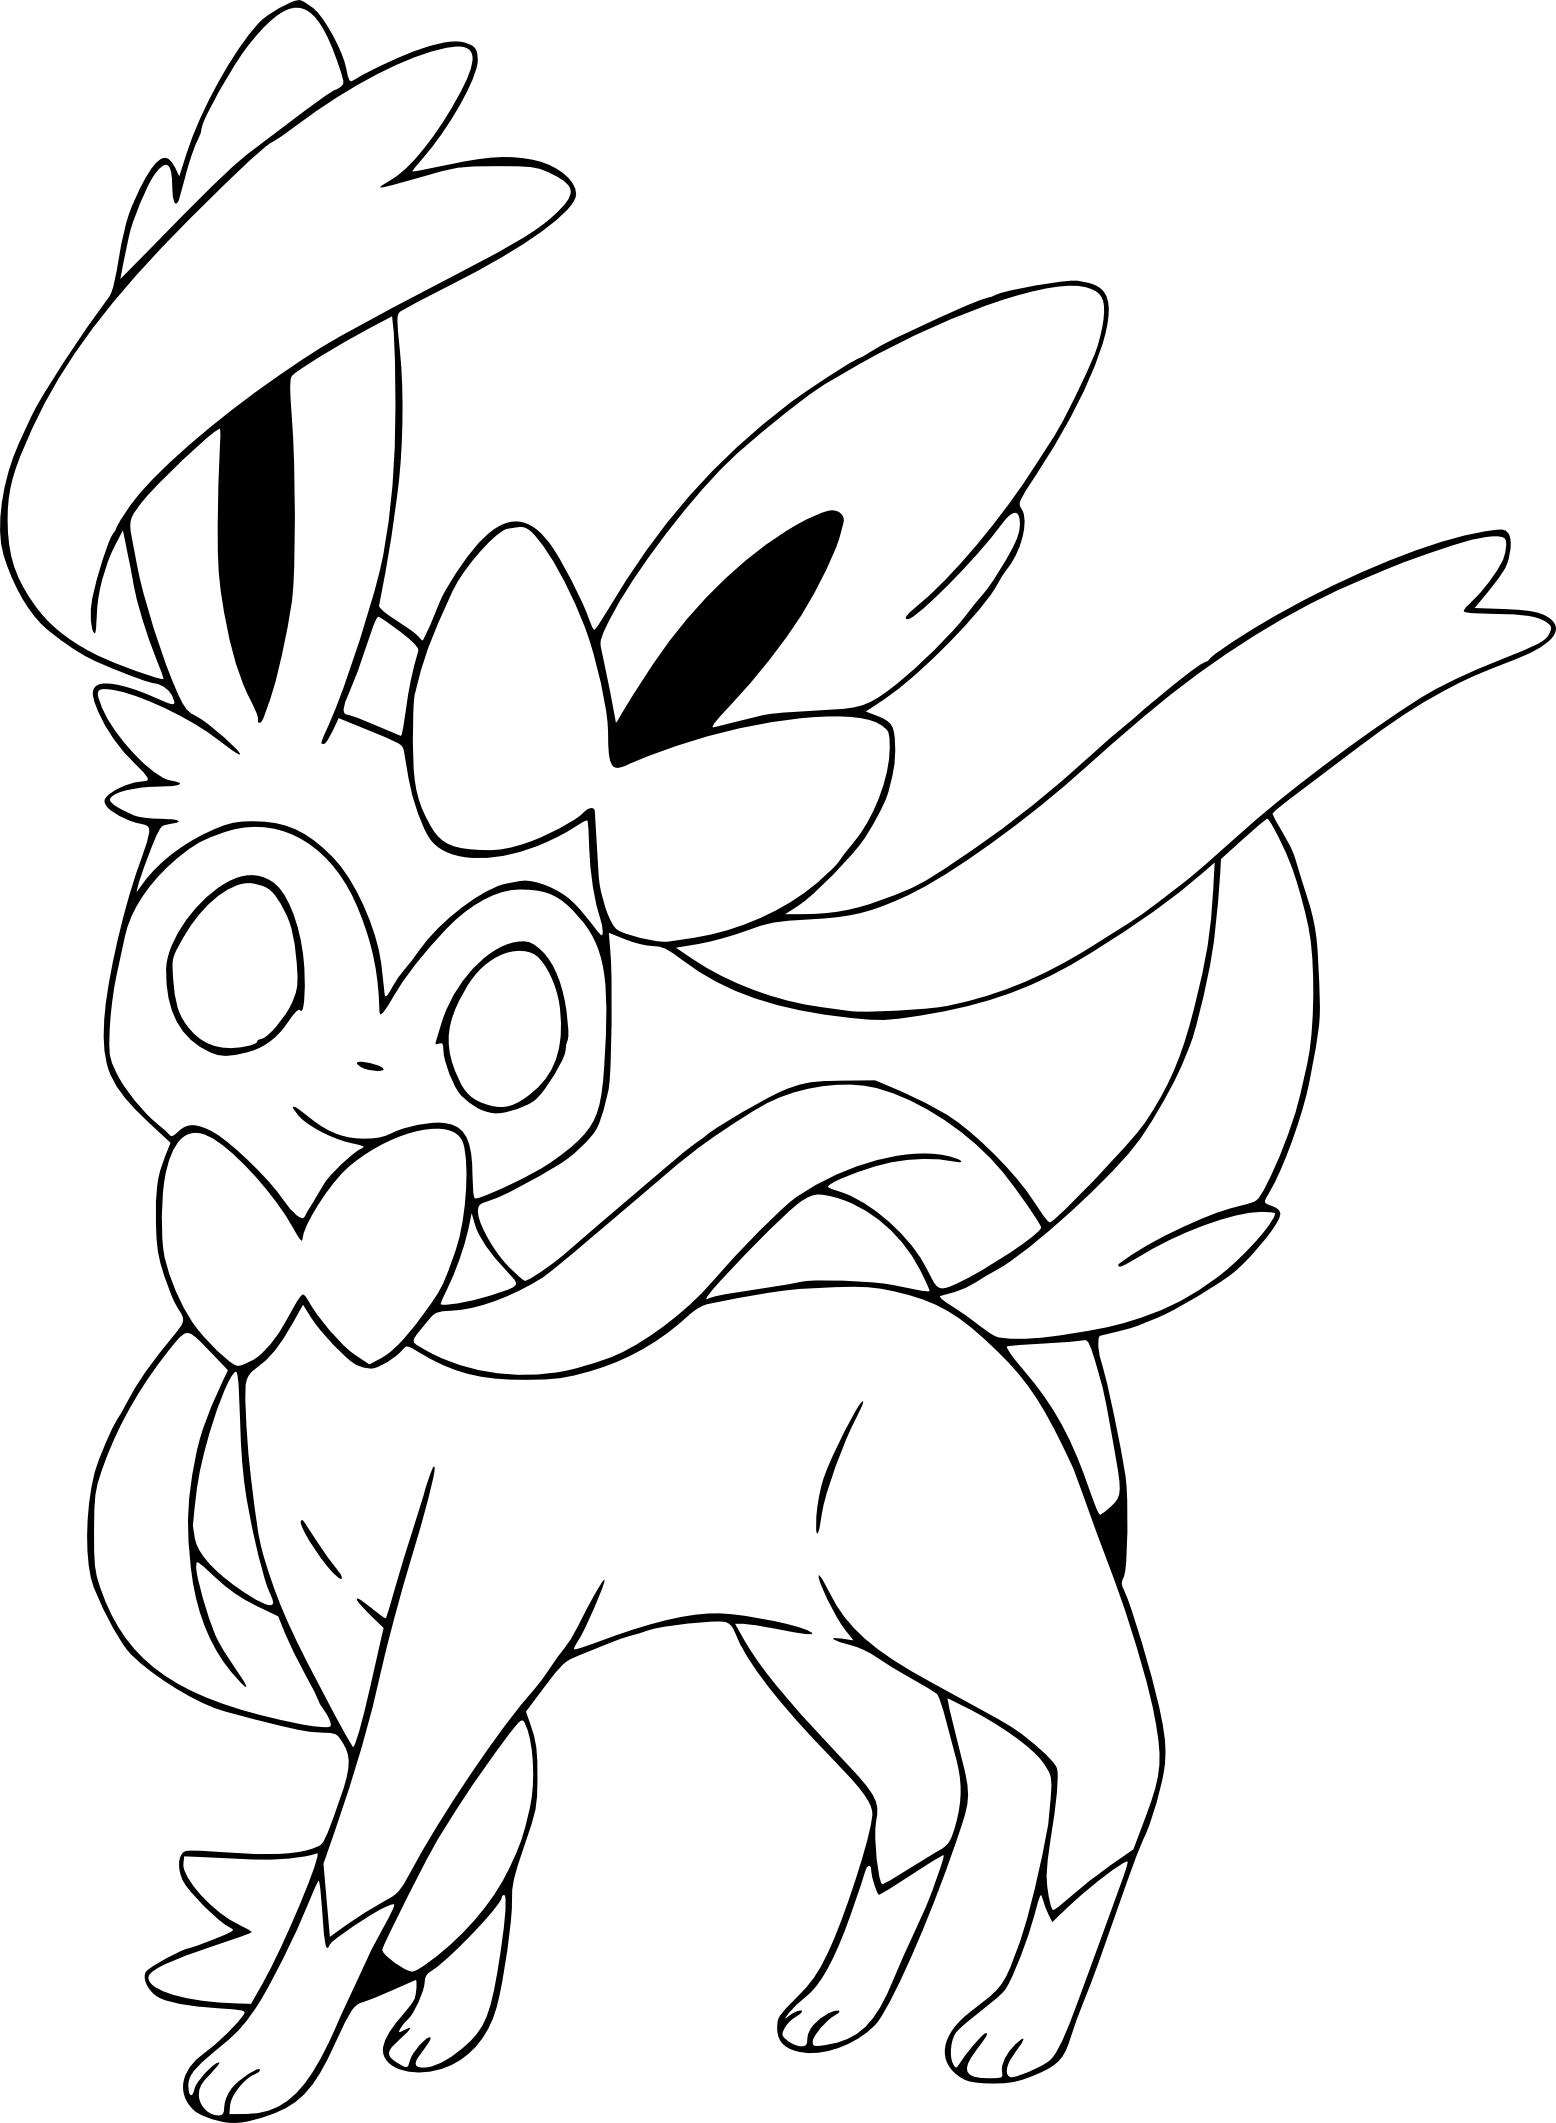 Coloriage nymphali pokemon x et y gratuit imprimer - Coloriage pokemon imprimer ...